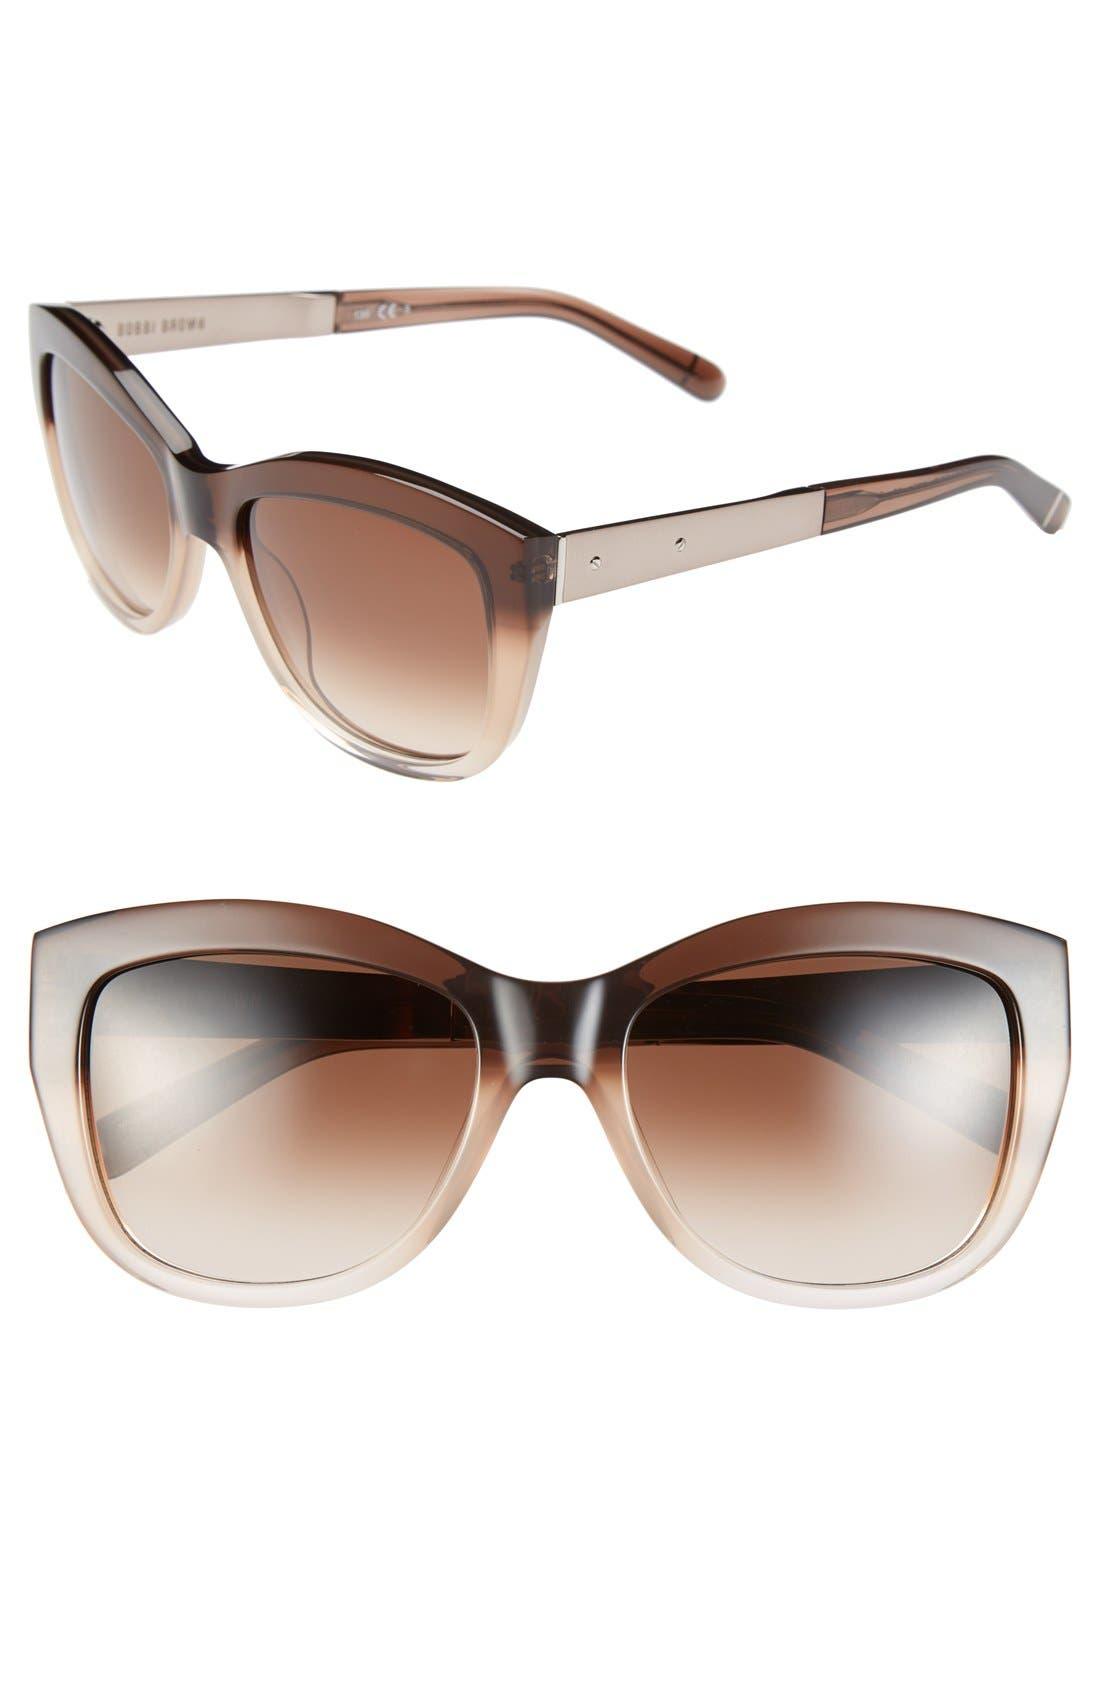 Main Image - Bobbi Brown 'The Graces' 54mm Cat Eye Sunglasses